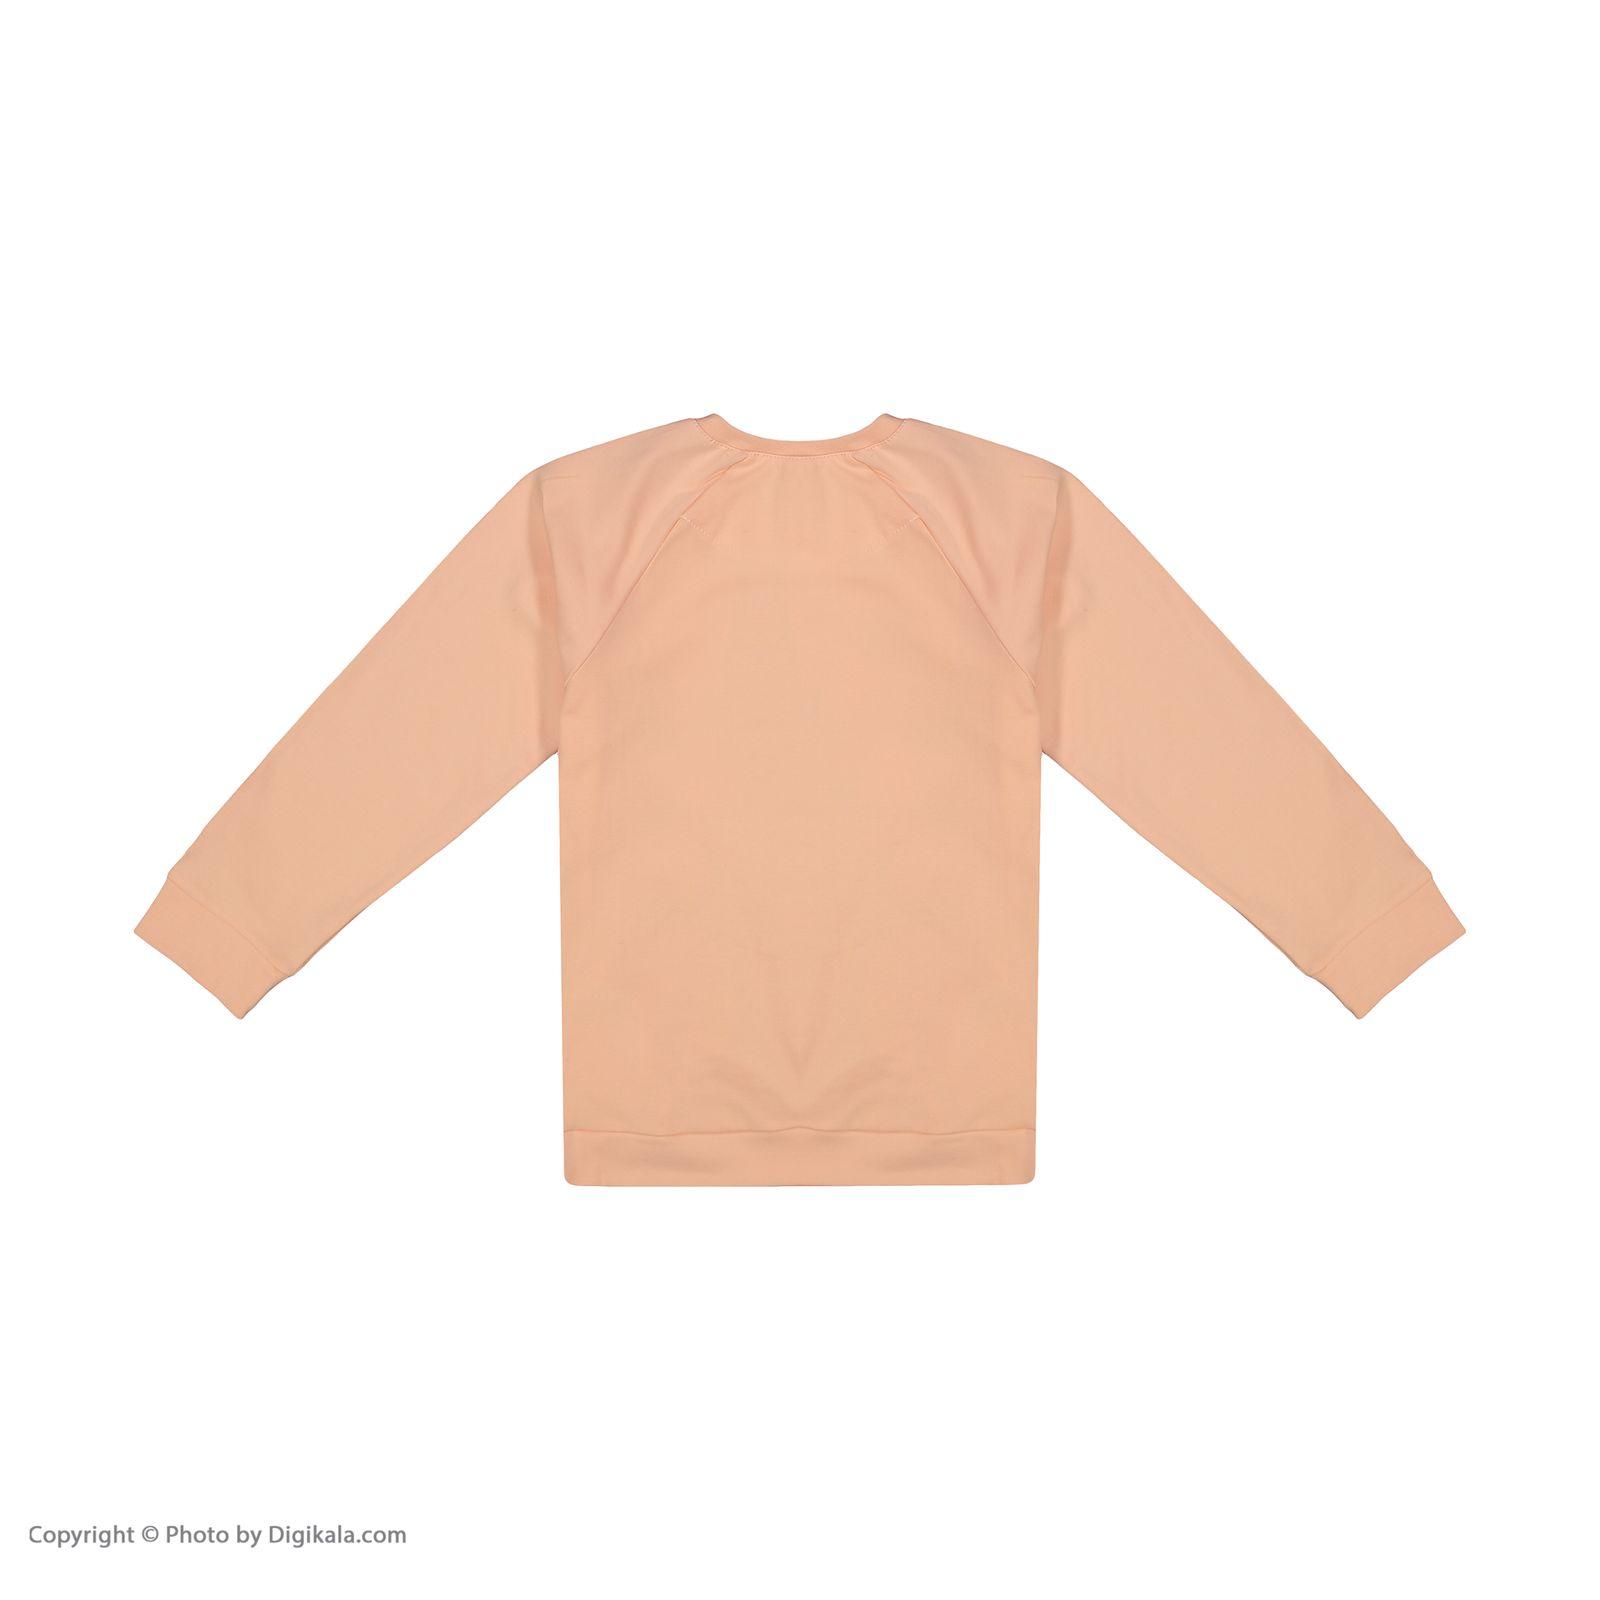 ست تی شرت و شلوار دخترانه مادر مدل 302-80 main 1 3